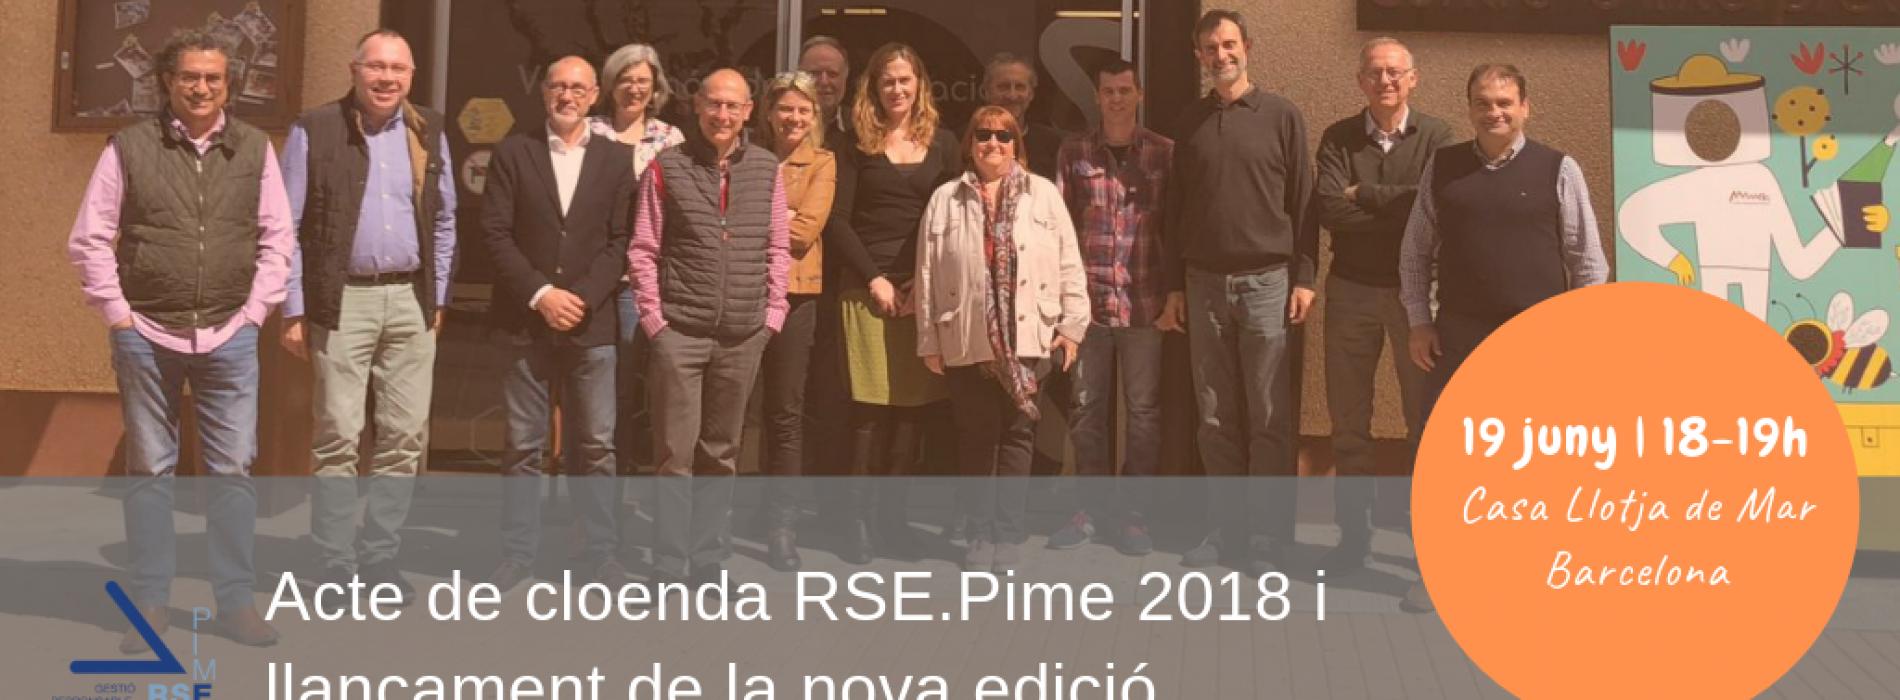 Acte de cloenda de l'RSE.Pime 2018 i llançament de la nova edició